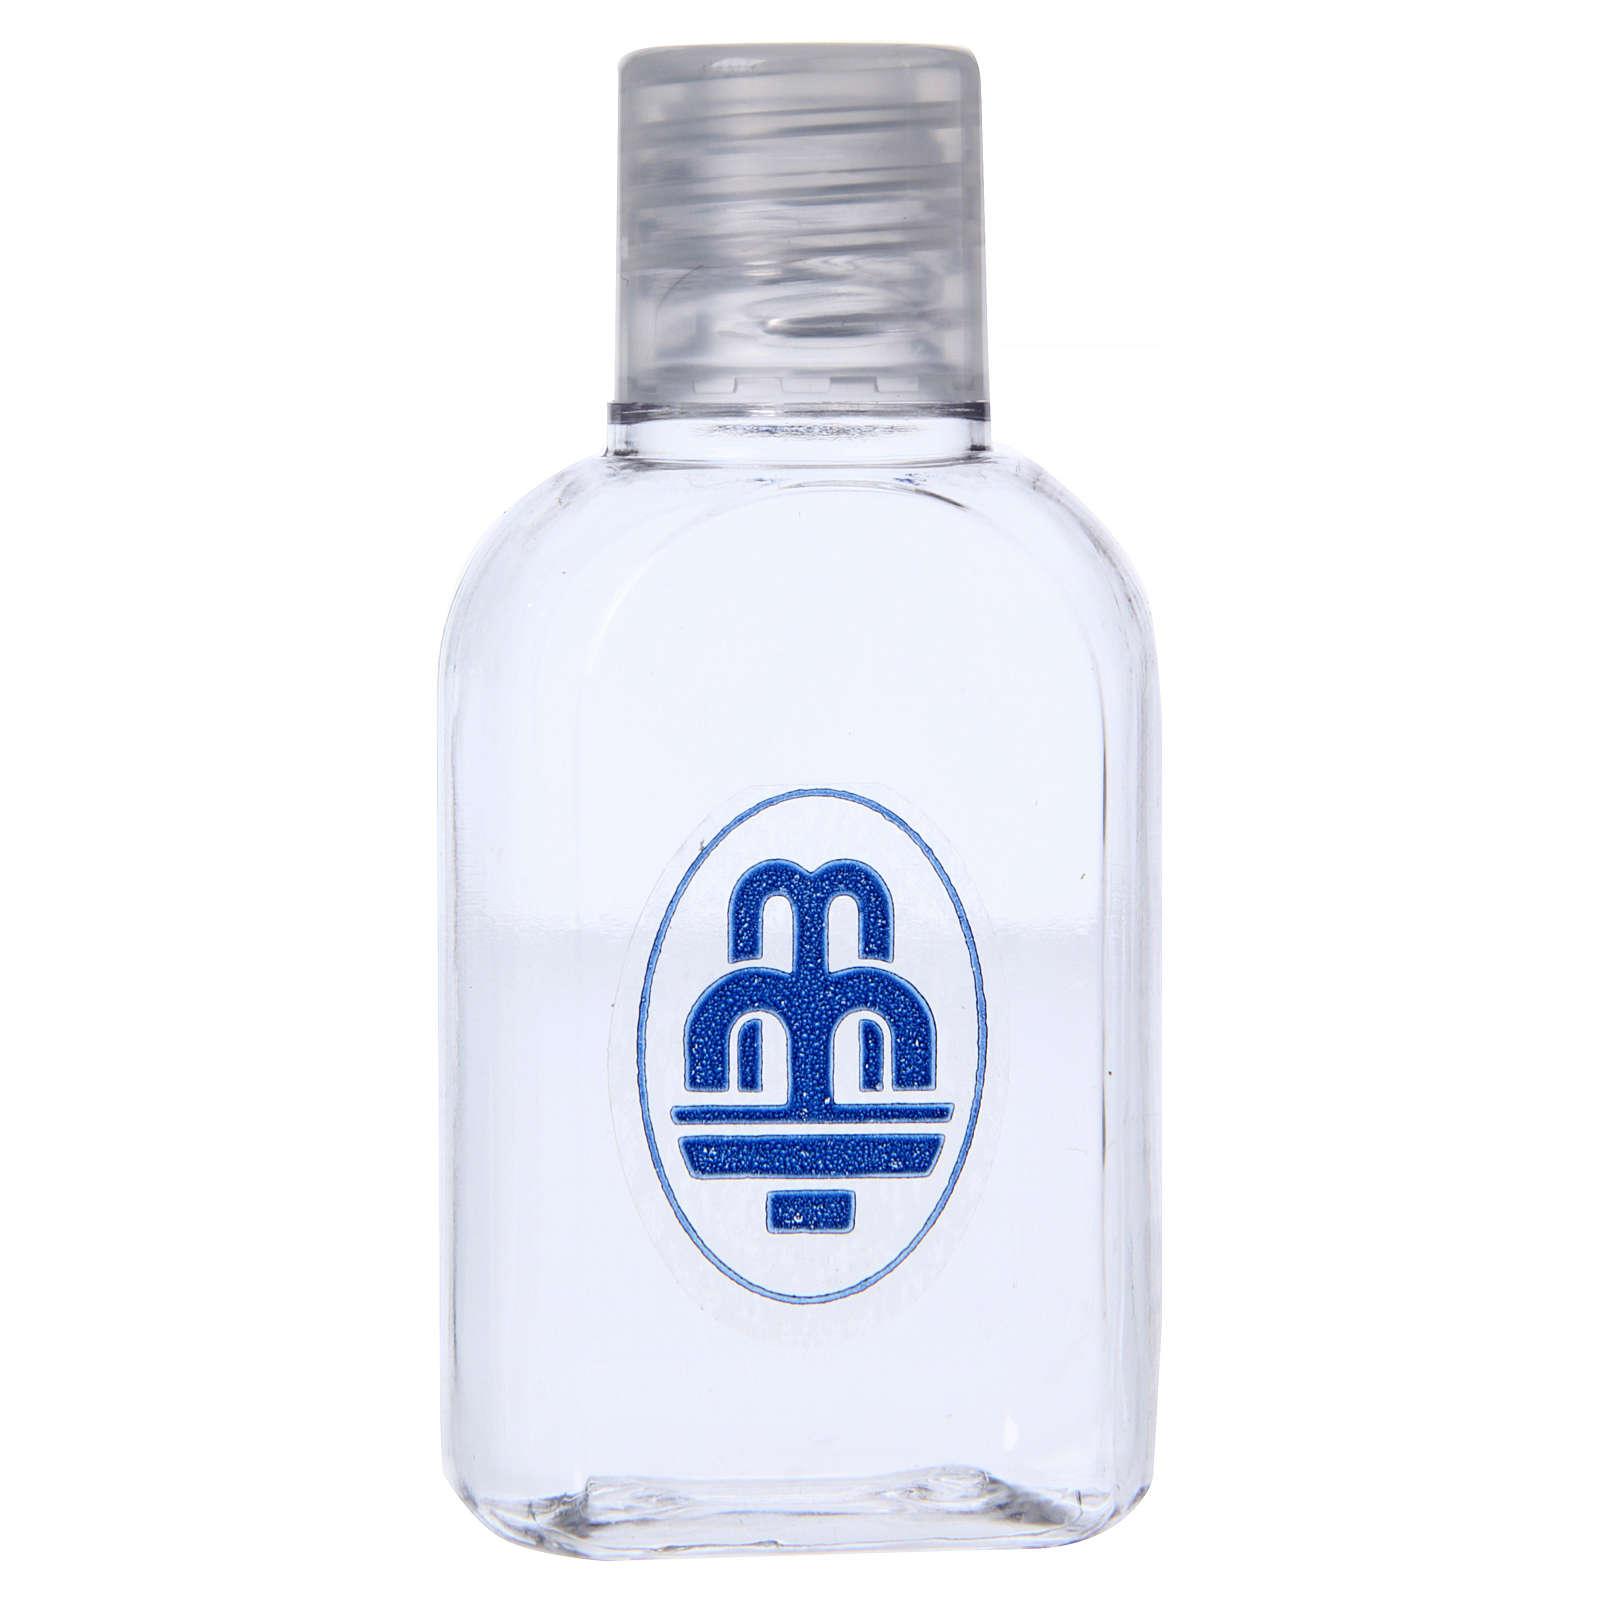 Confezione 100 bottigliette per acqua santa 3